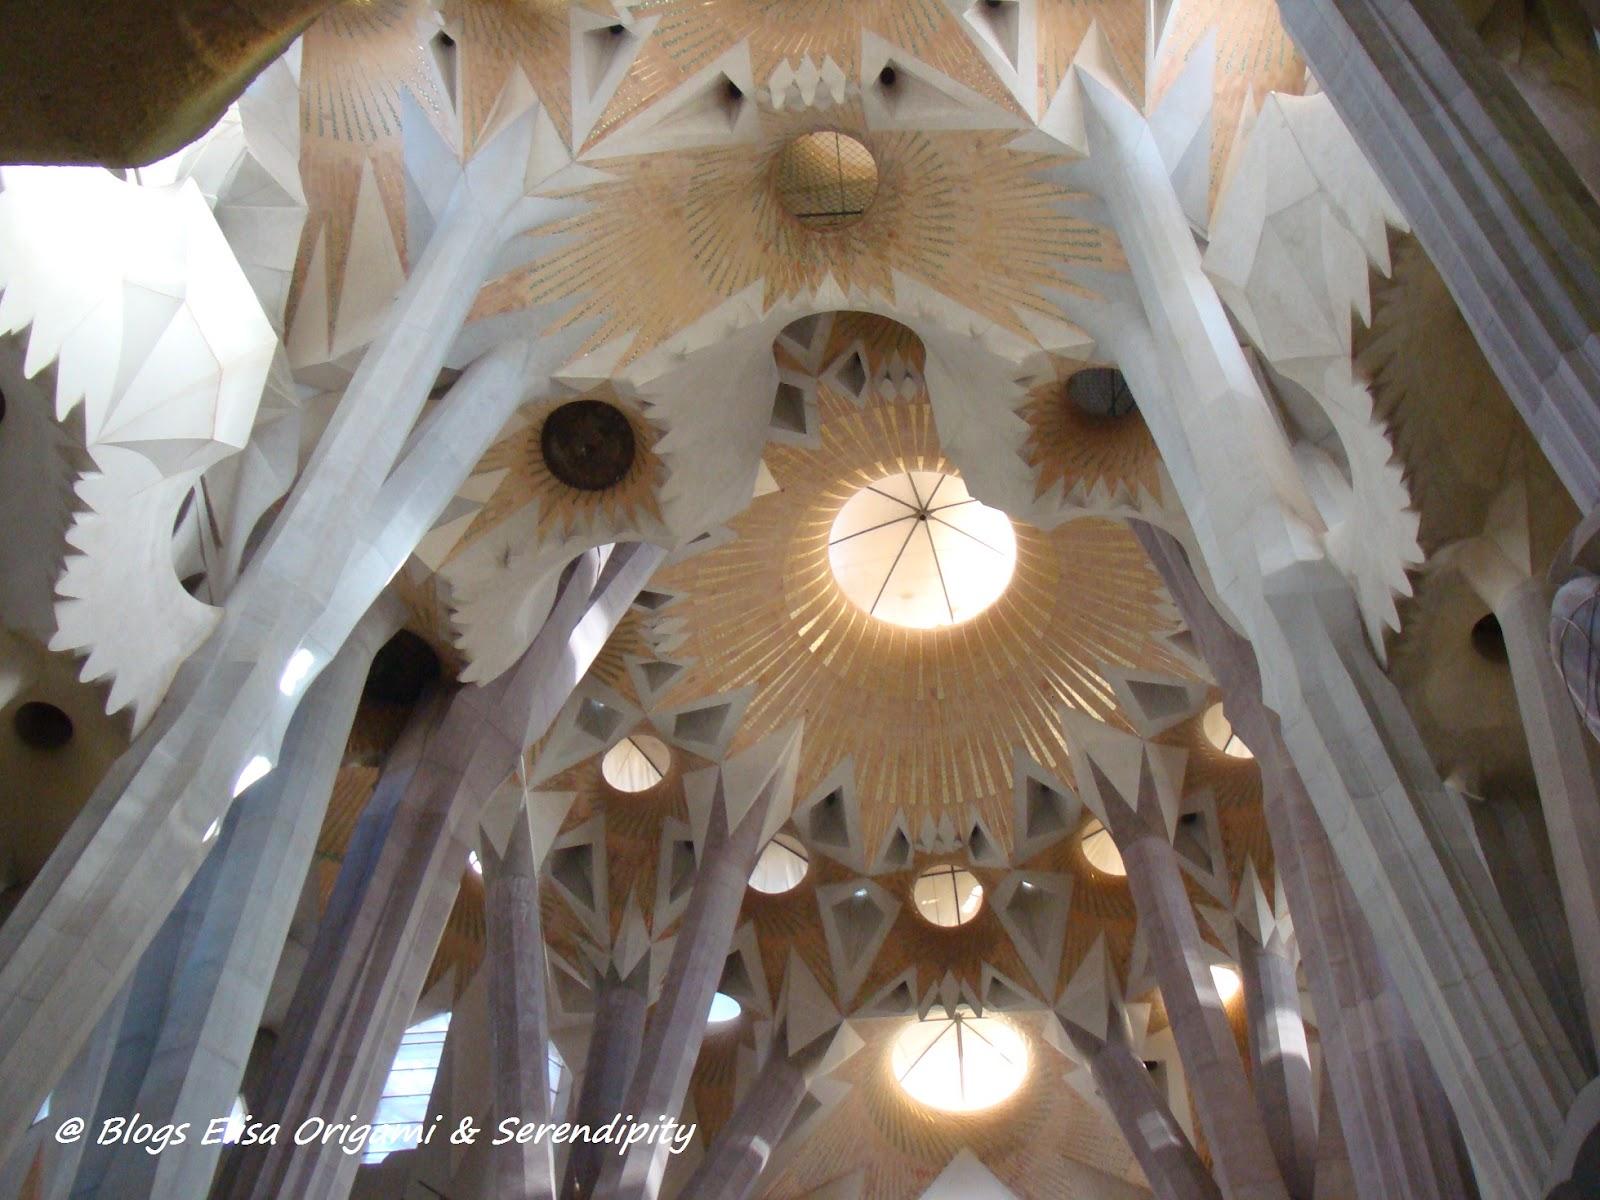 Cúpula, Interior de la Sagrada Familia, Gaudí en Barcelona